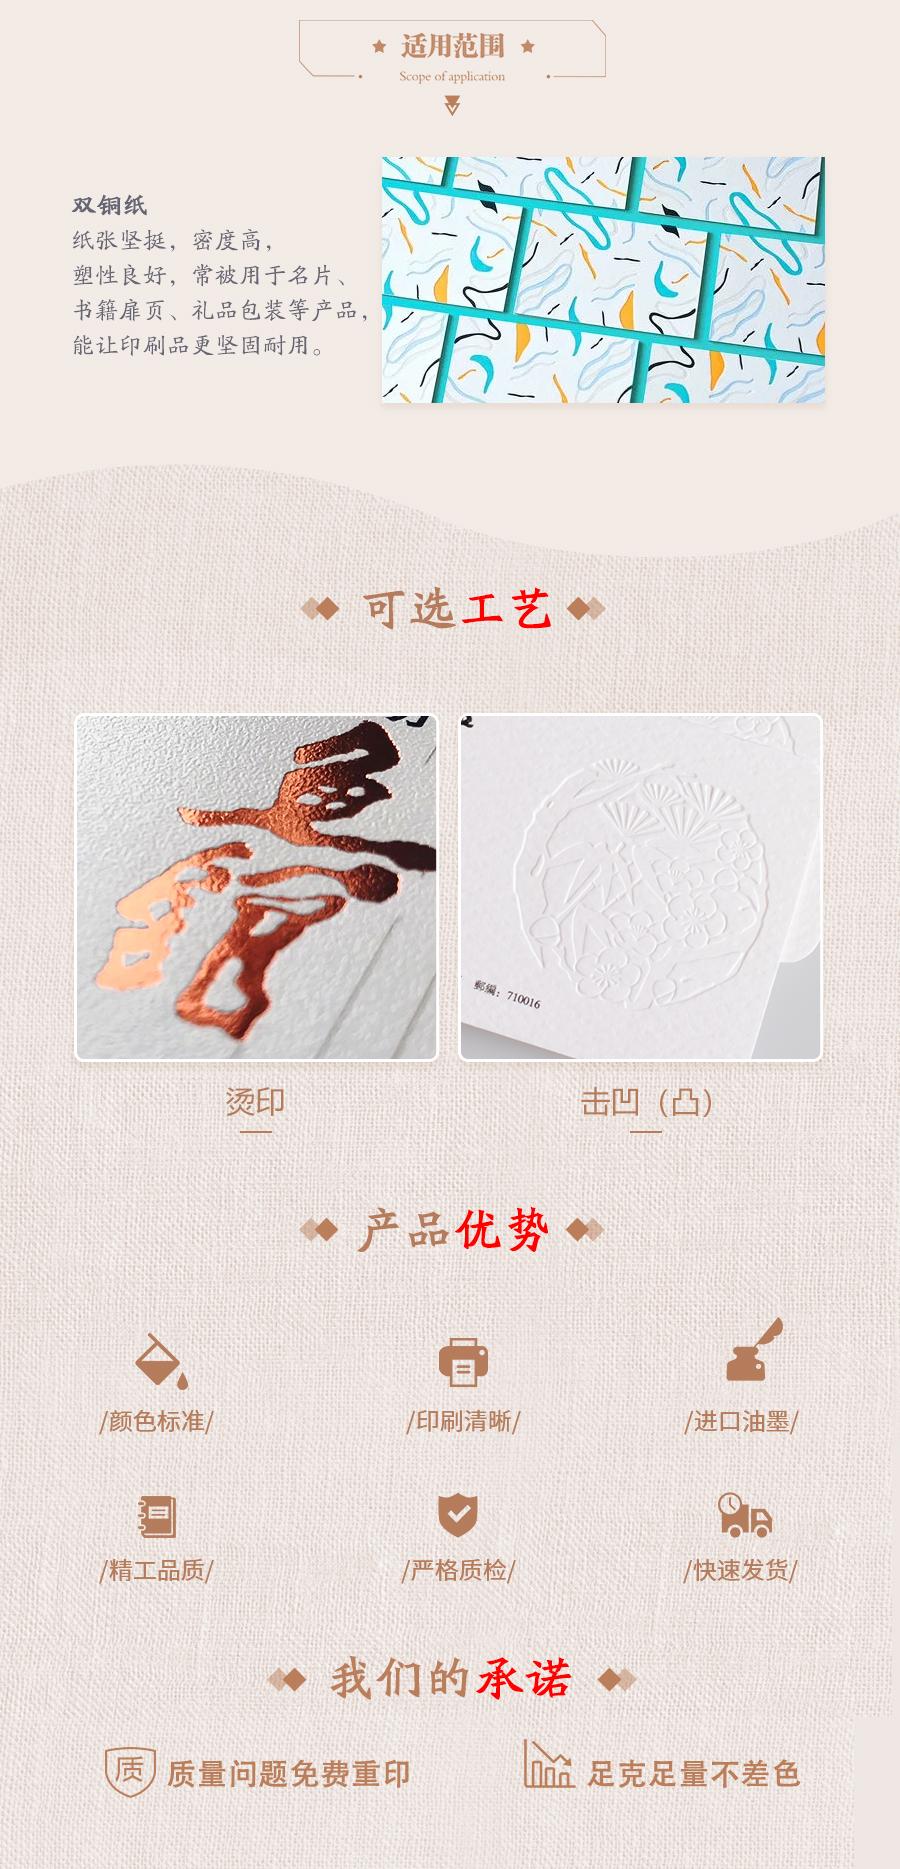 双铜纸名片详情_05.jpg